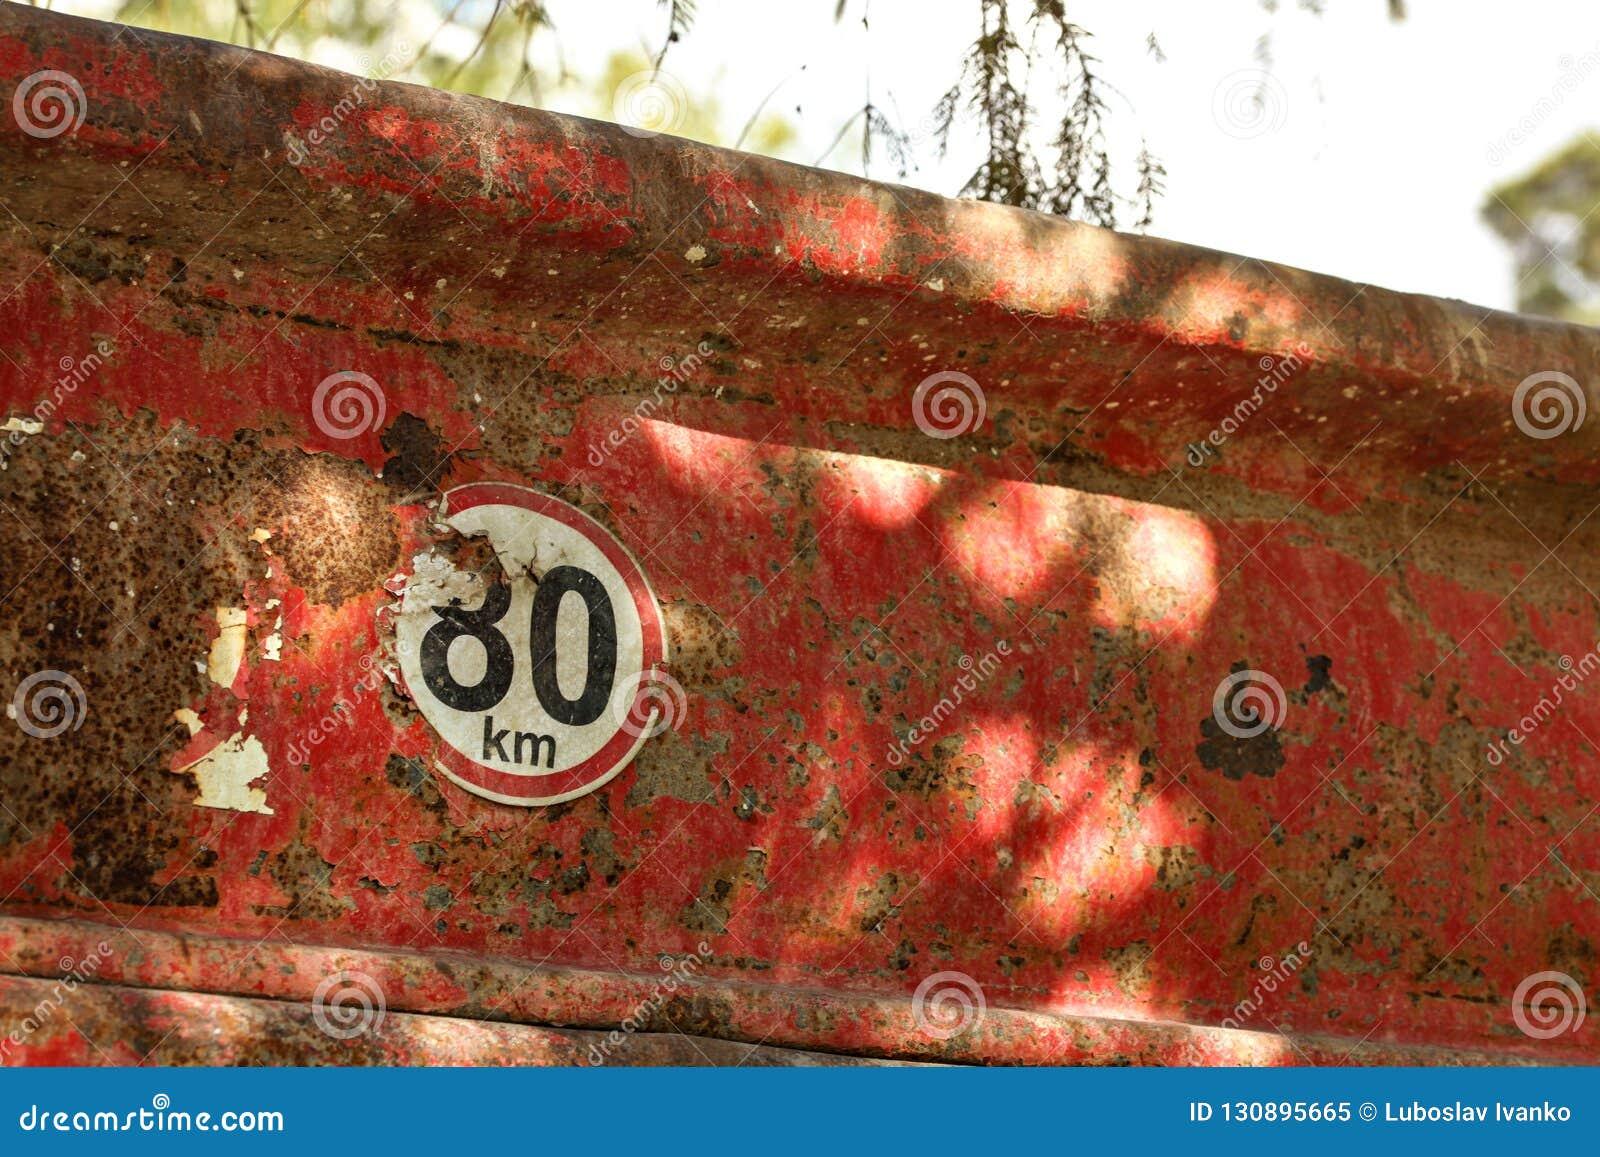 Détail sur la limitation de vitesse signe de 80 km/h à l arrière du vieux camion à benne basculante